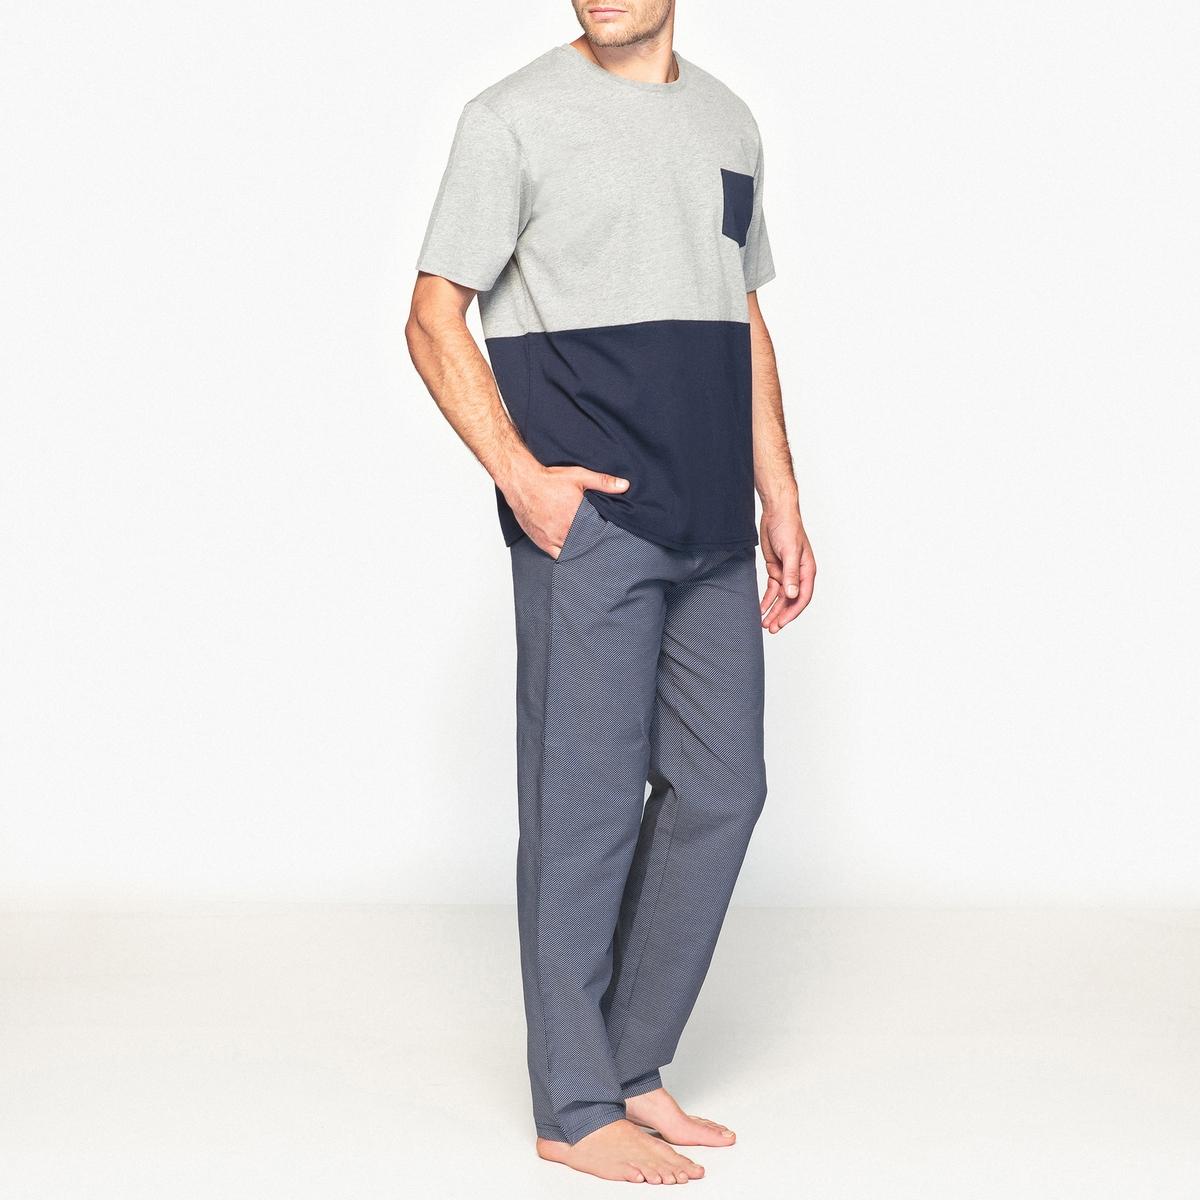 Пижама с футболкой с короткими рукавами disto d410 с поверкой